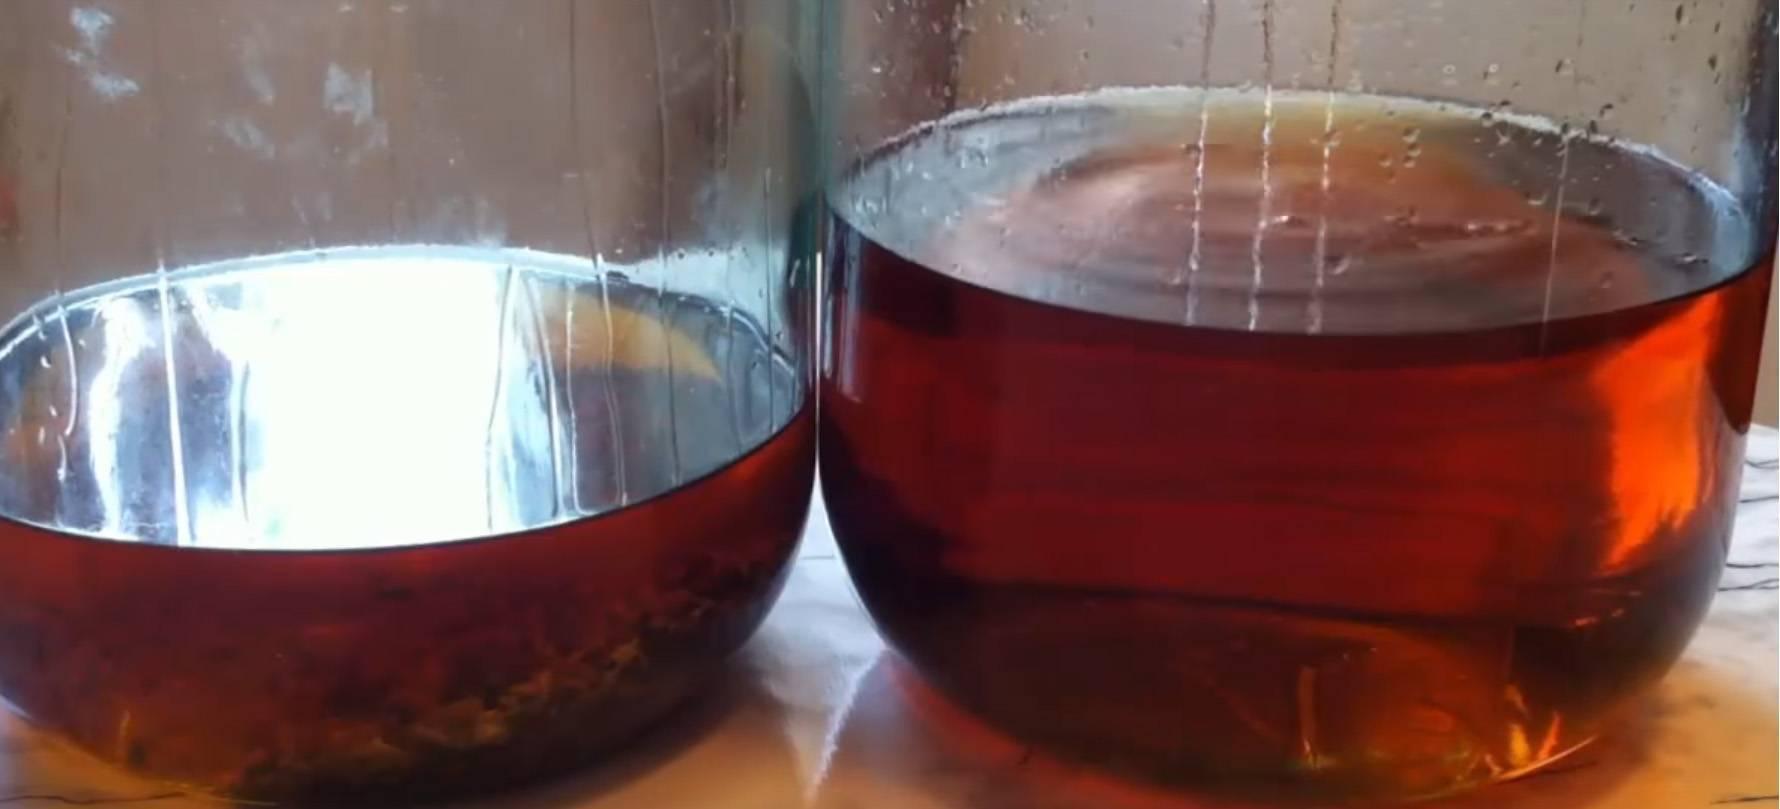 Коньяк из самогона: рецепт качественного напитка своими руками